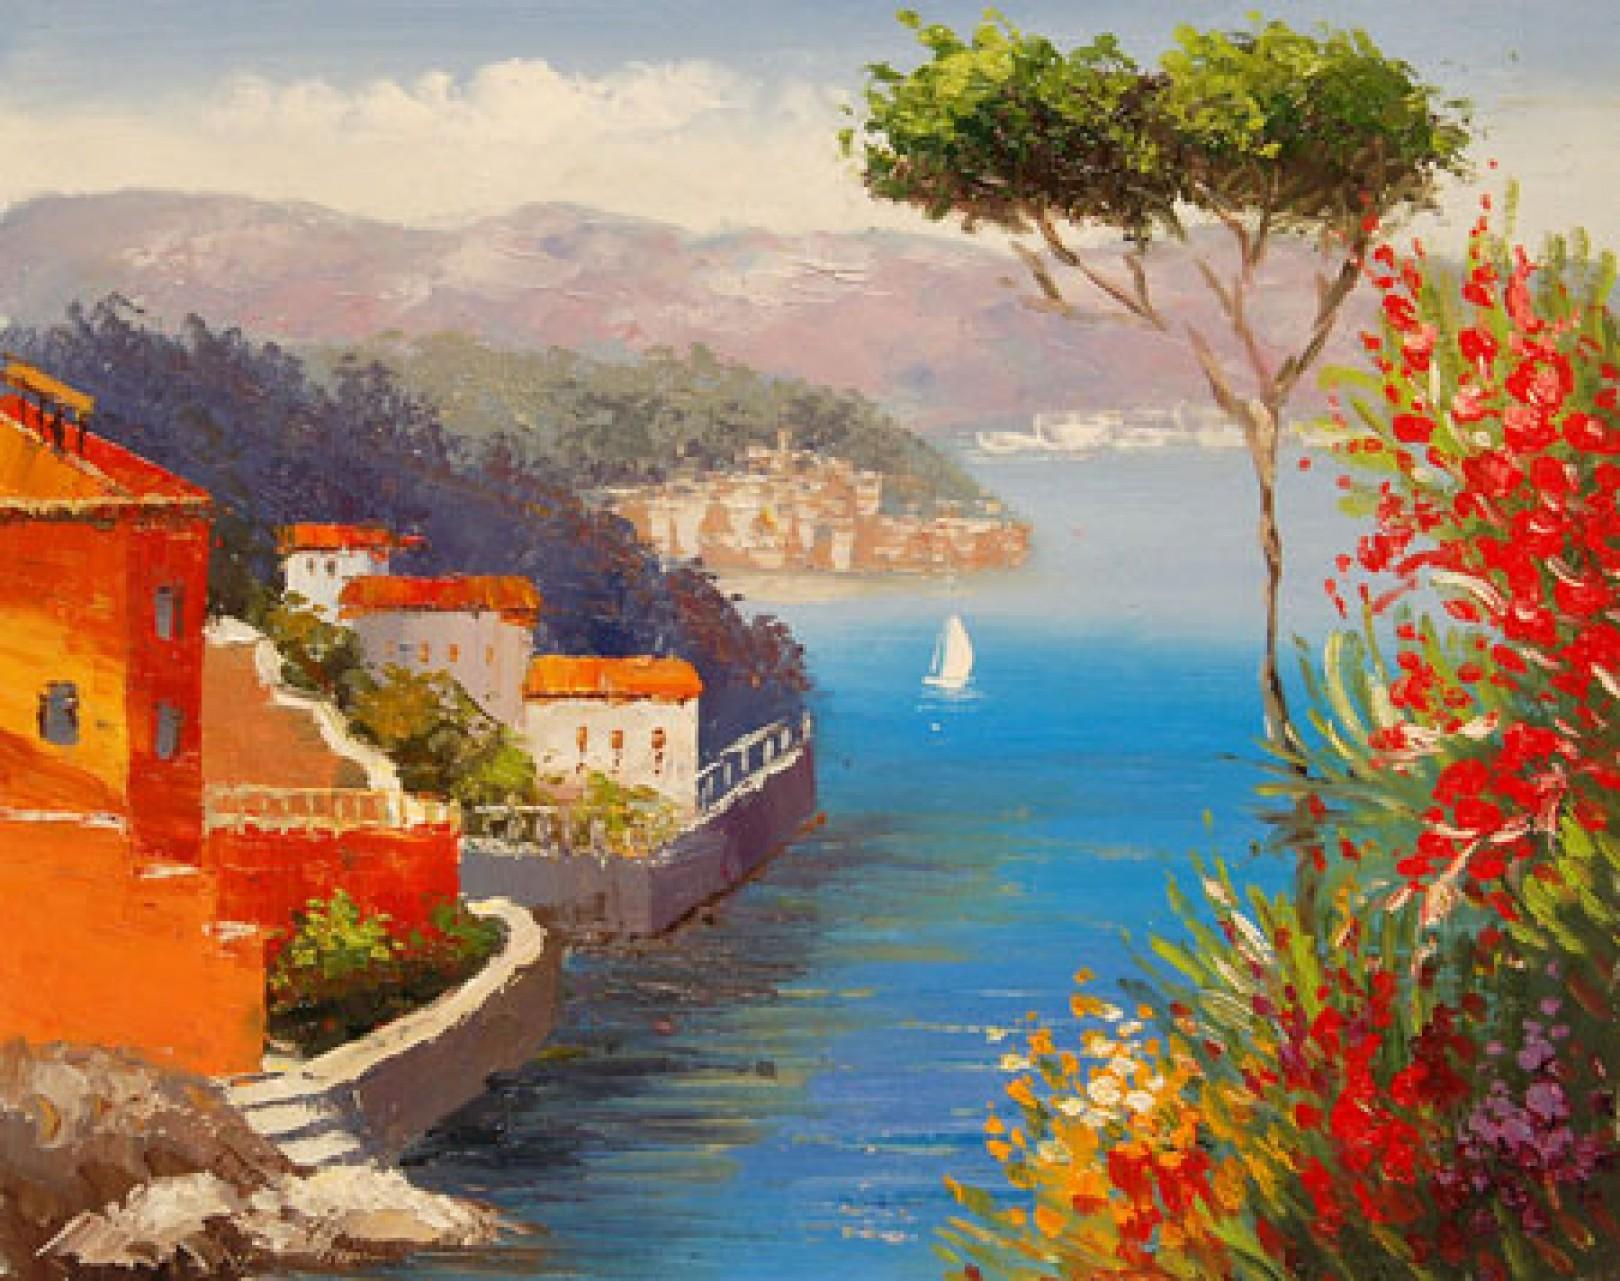 Quadro il lago di autore sconosciuto paesaggi impressionisti